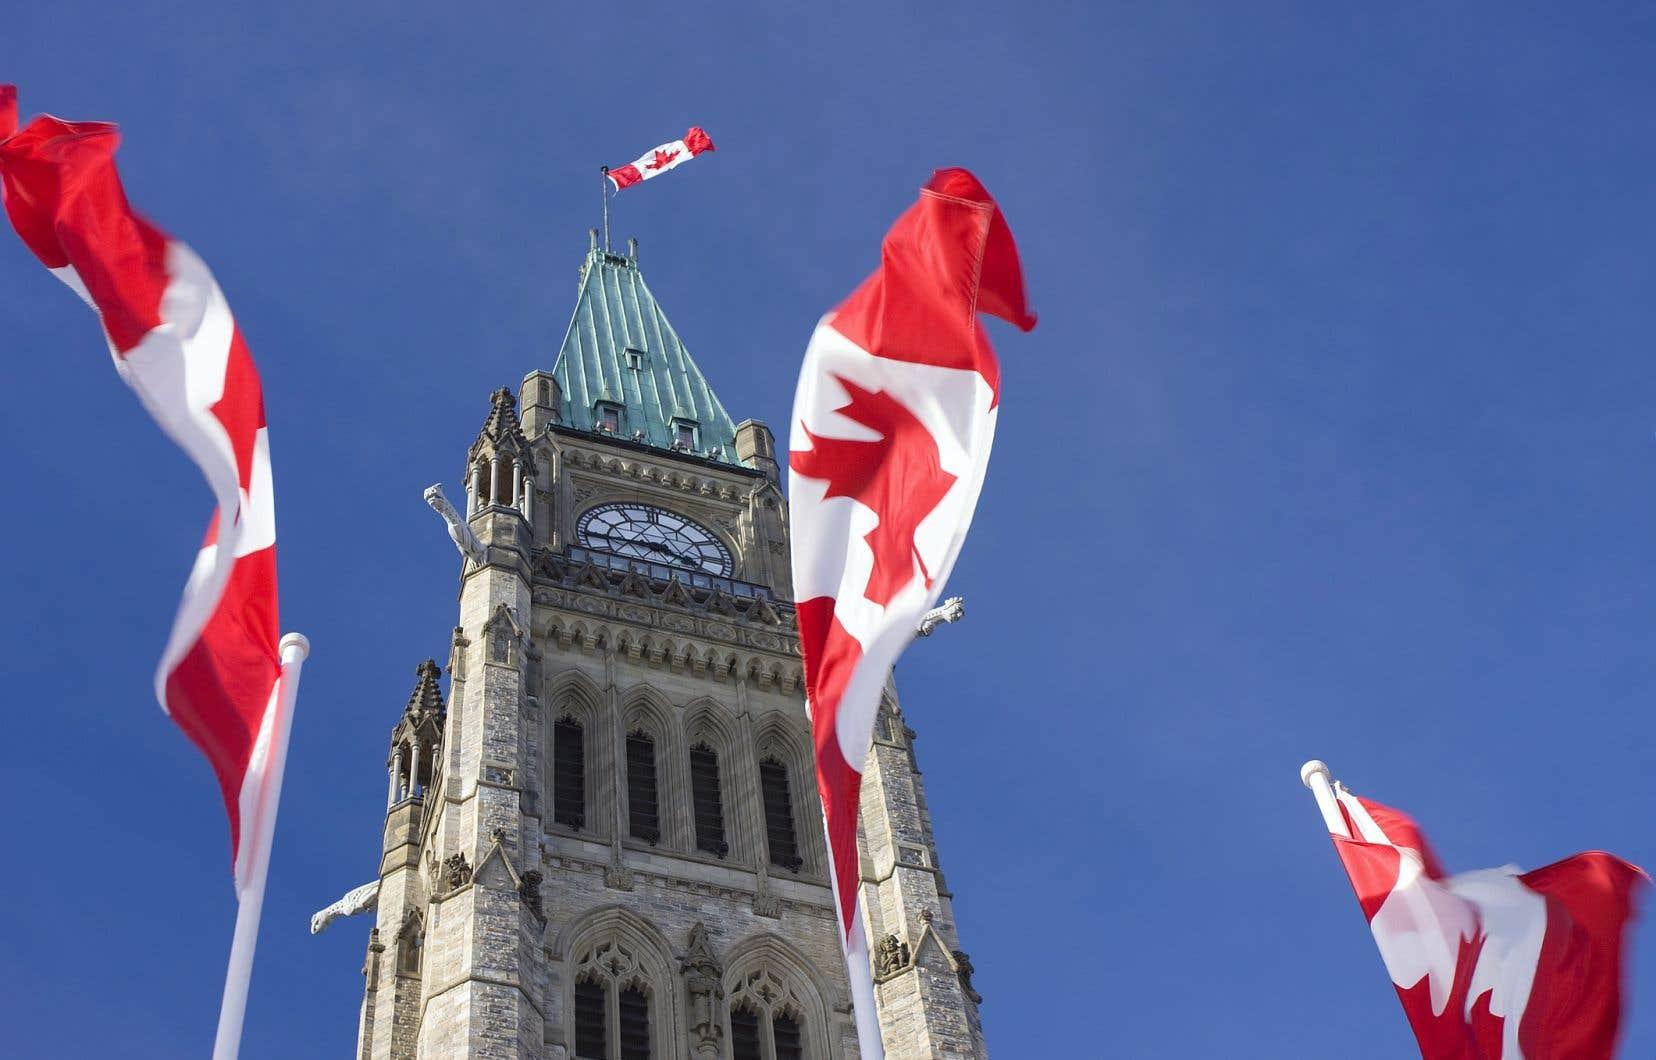 La tour de la Paix, qui surplombe le parlement du Canada